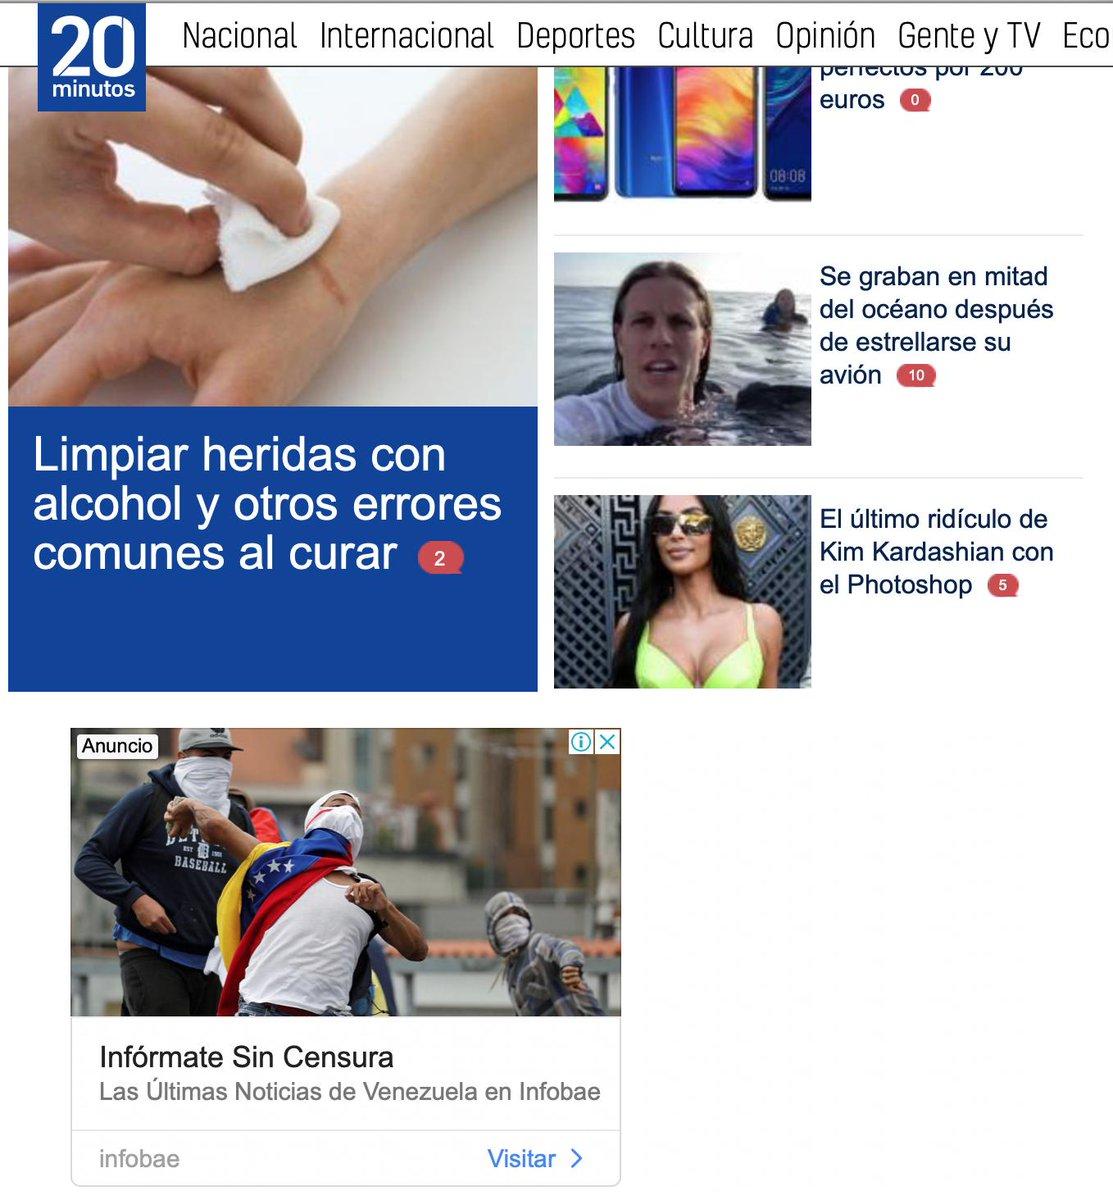 Entonces, entras a un medio digital español y encuentras toneladas de publicidad $$$ de un medio argentino que dice tener la mejor información sobre ¿Argentina? No, sobre Venezuela. Y todo normal...